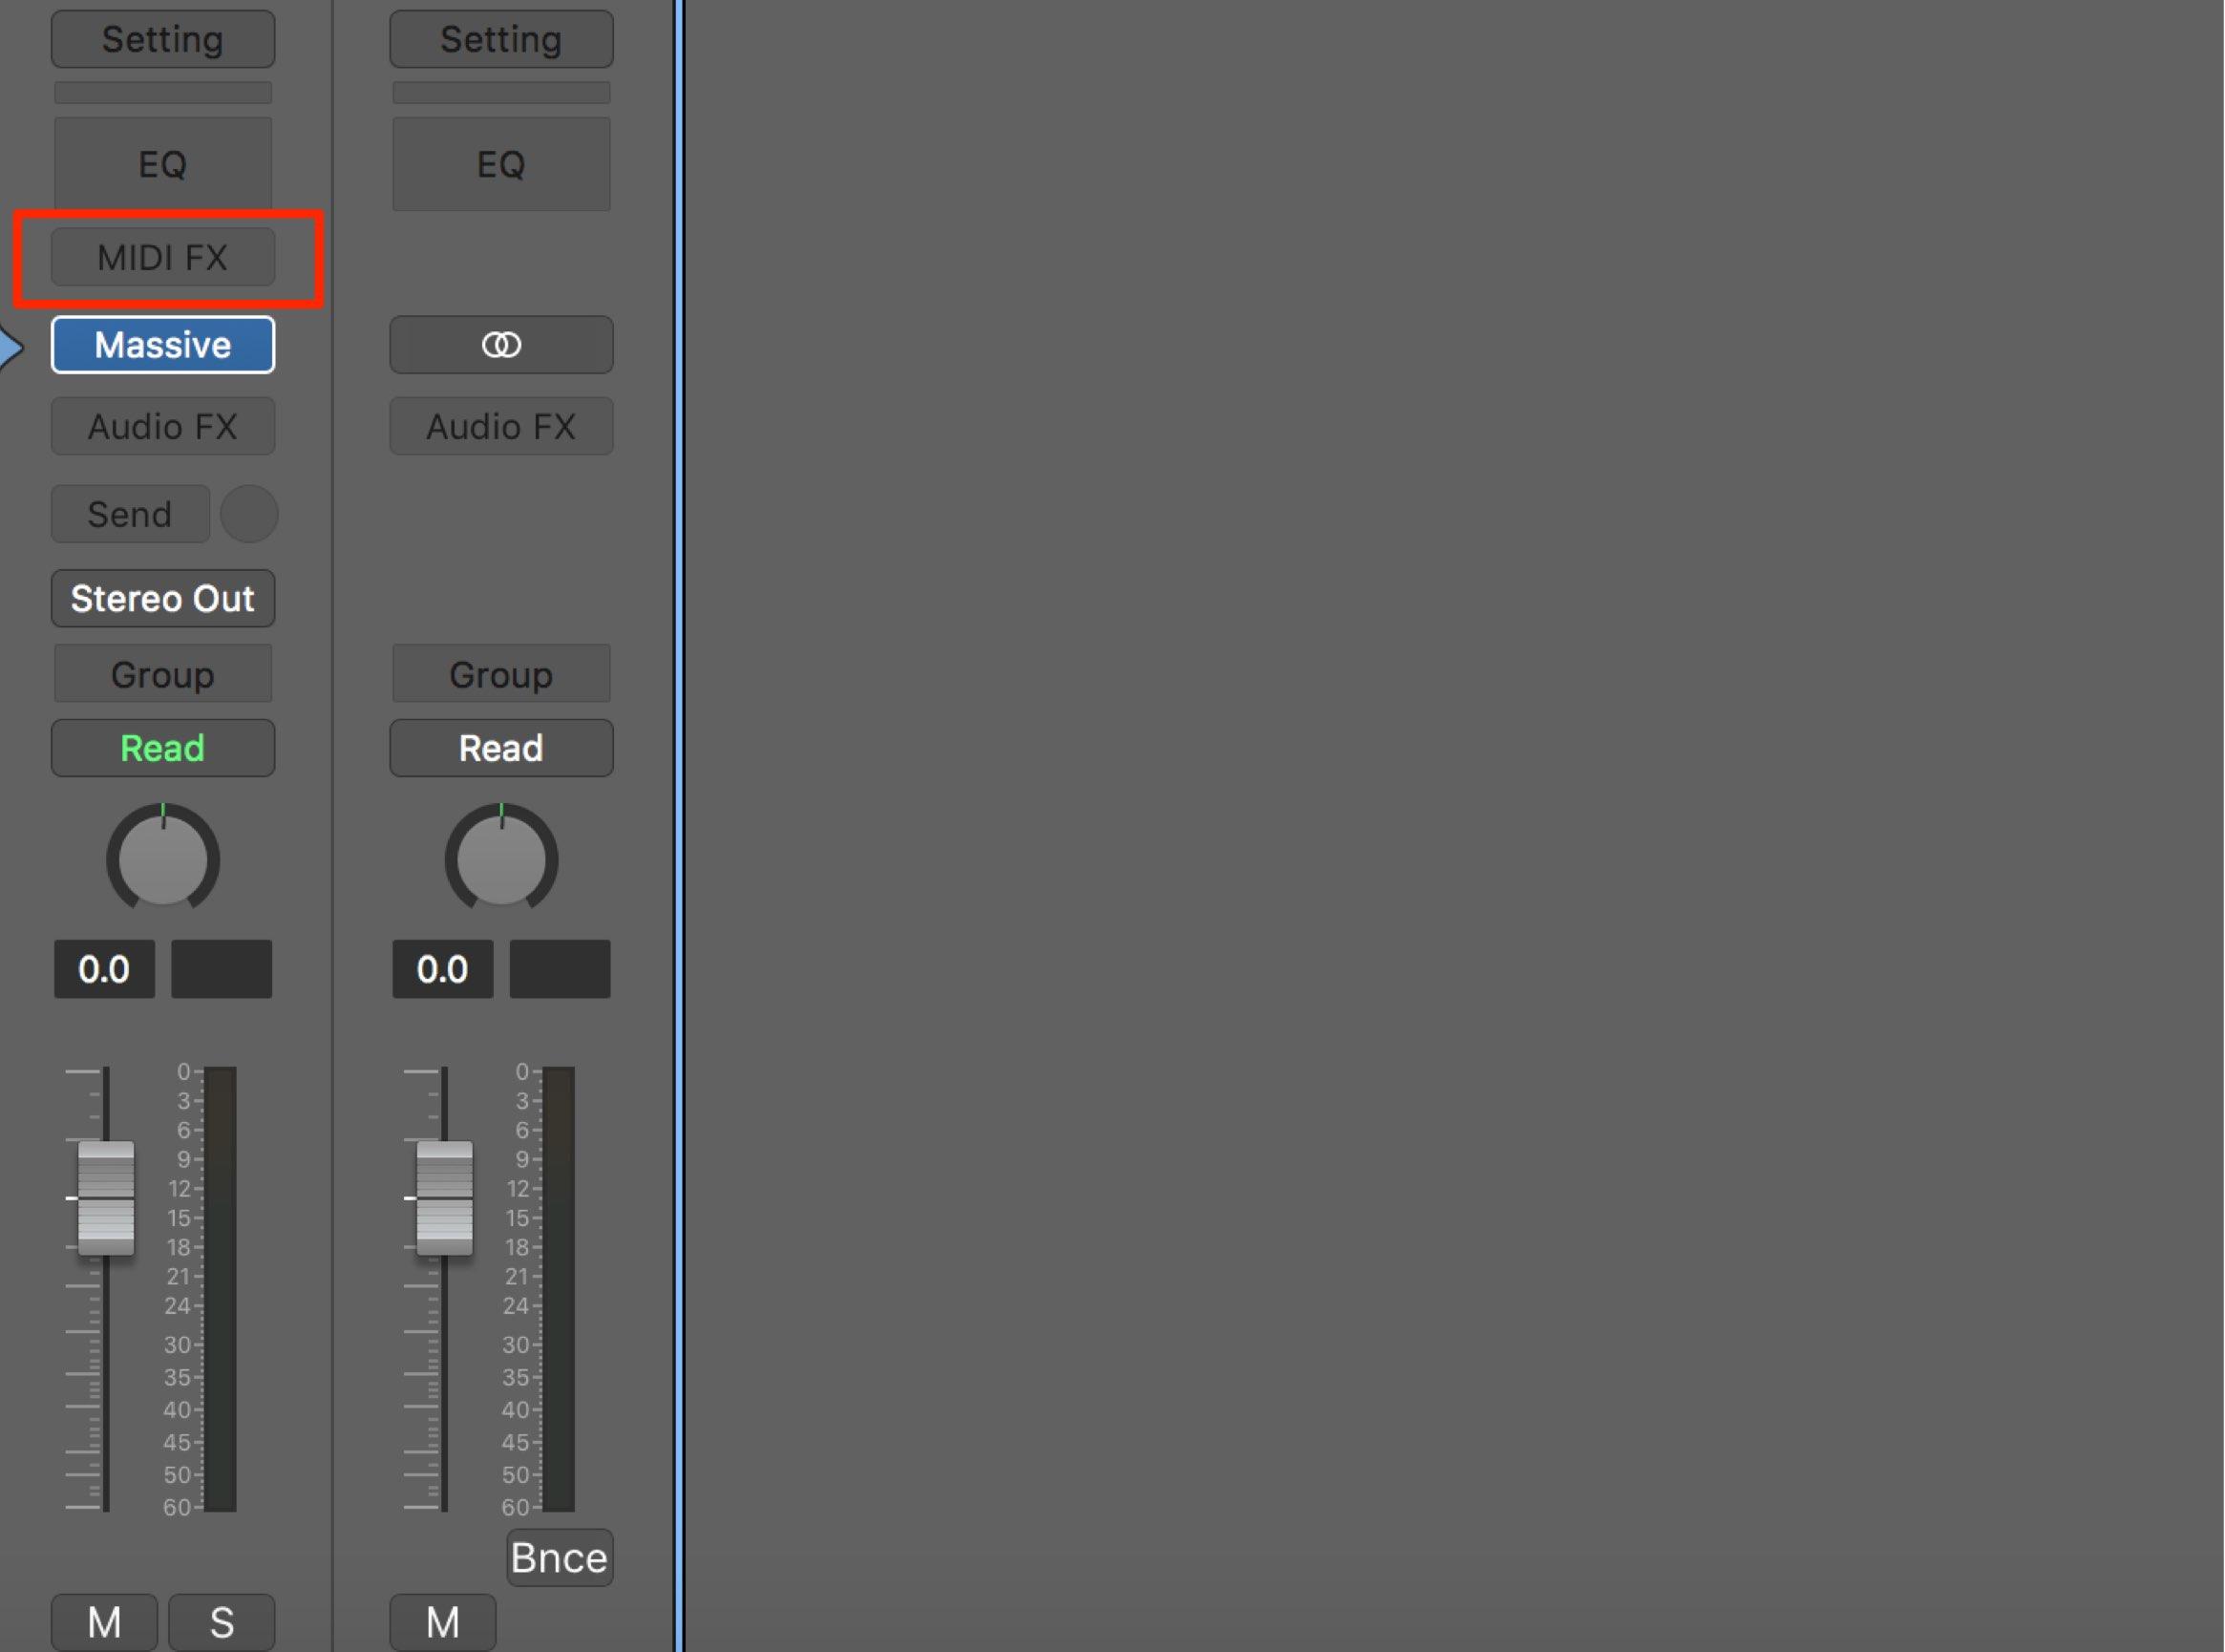 MIDI FX